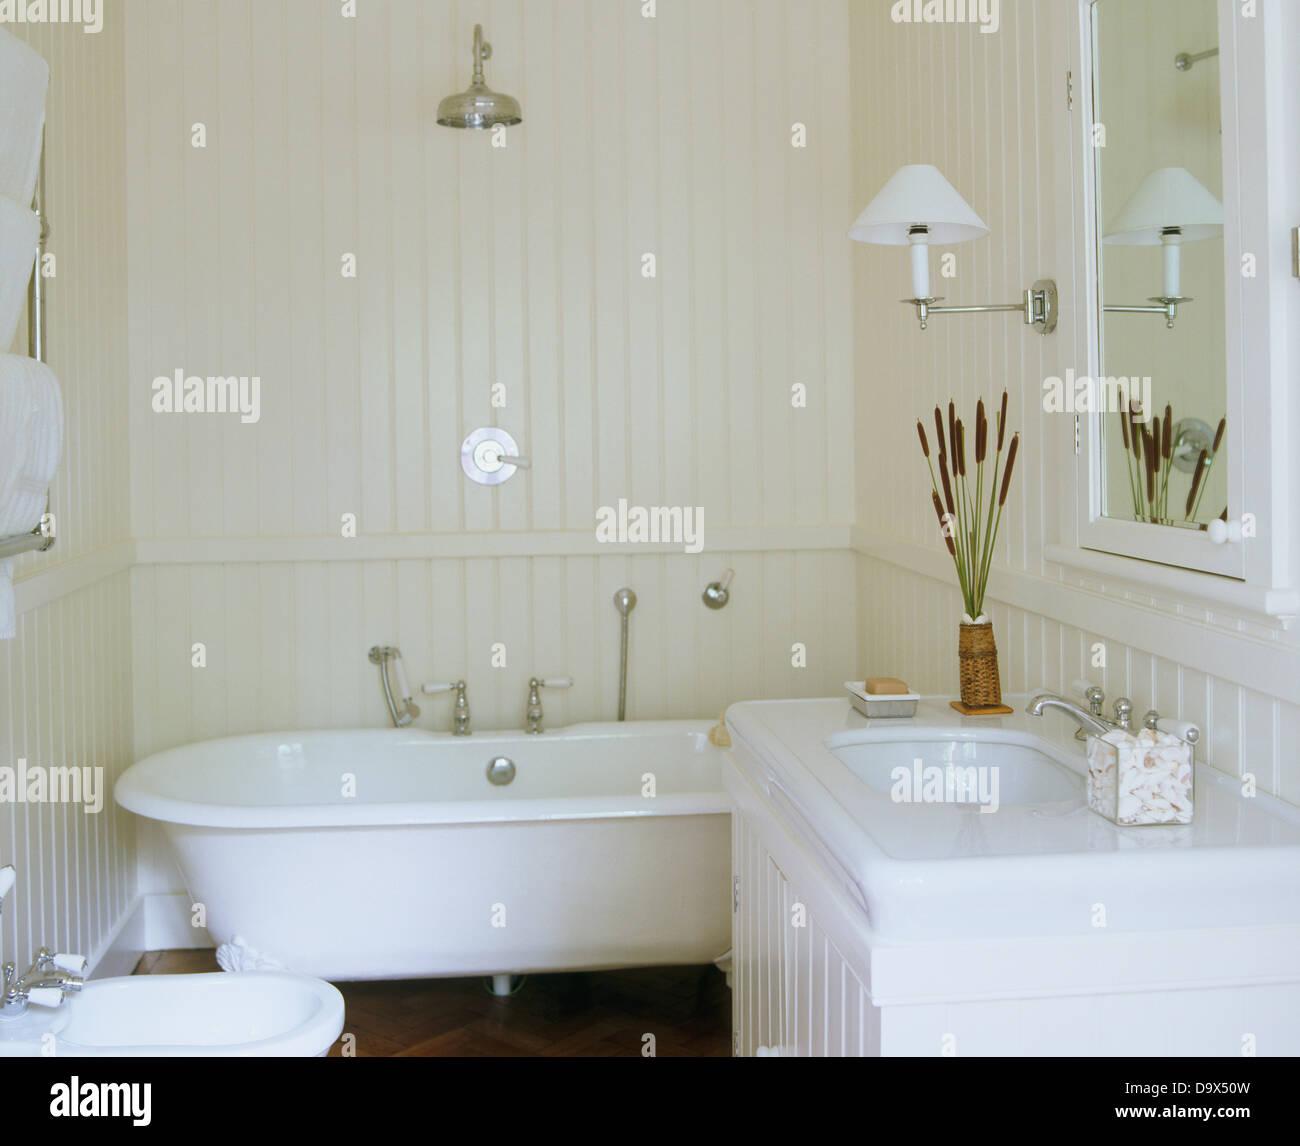 Fesselnd Chrom Dusche über Roll Top Badewanne Im Weißen Badezimmer Mit Weißen  Gemalten Zunge + Groove Verkleidung